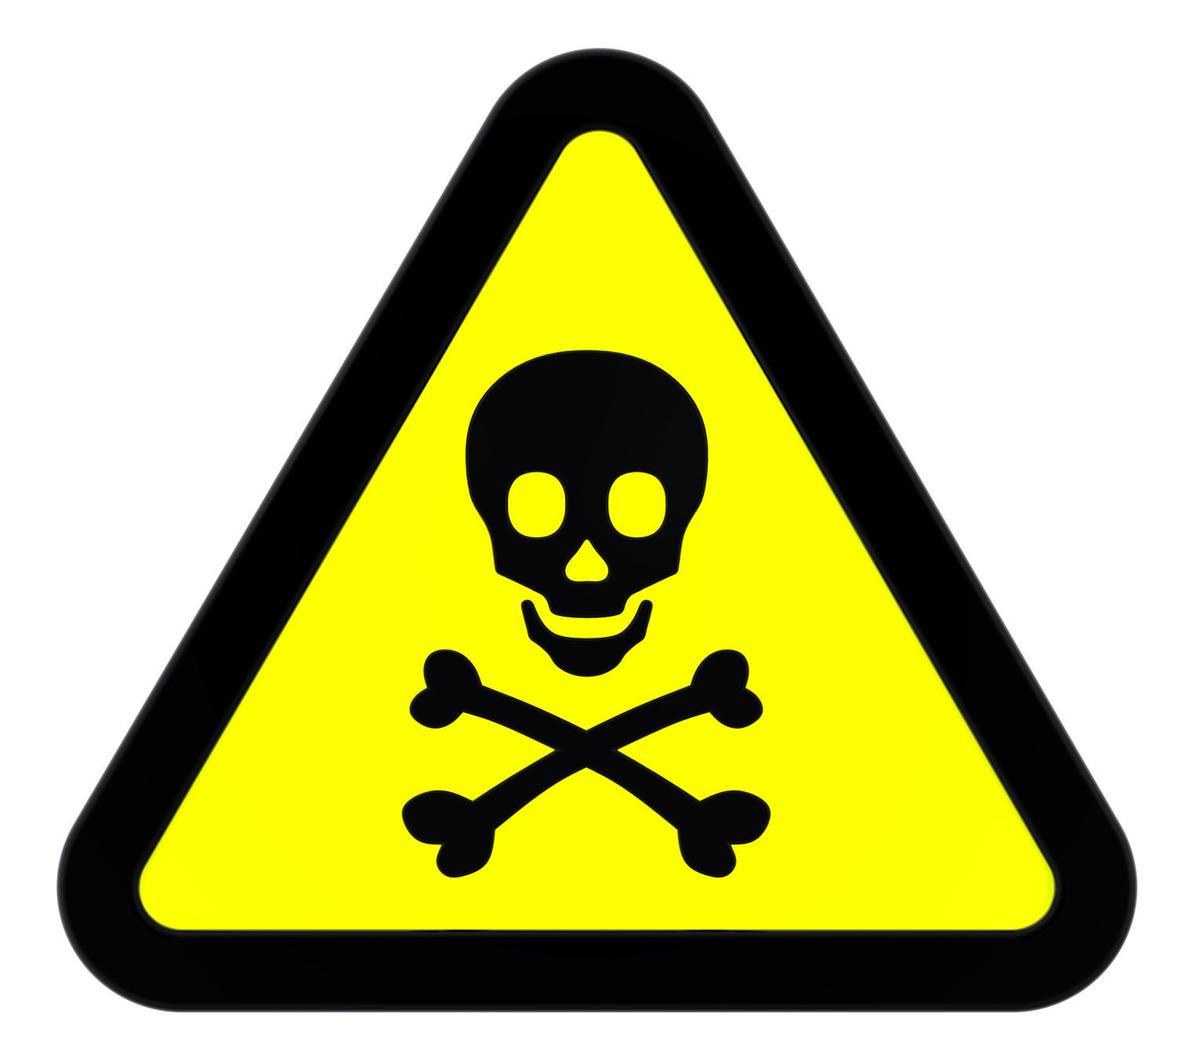 Poison hazard sign